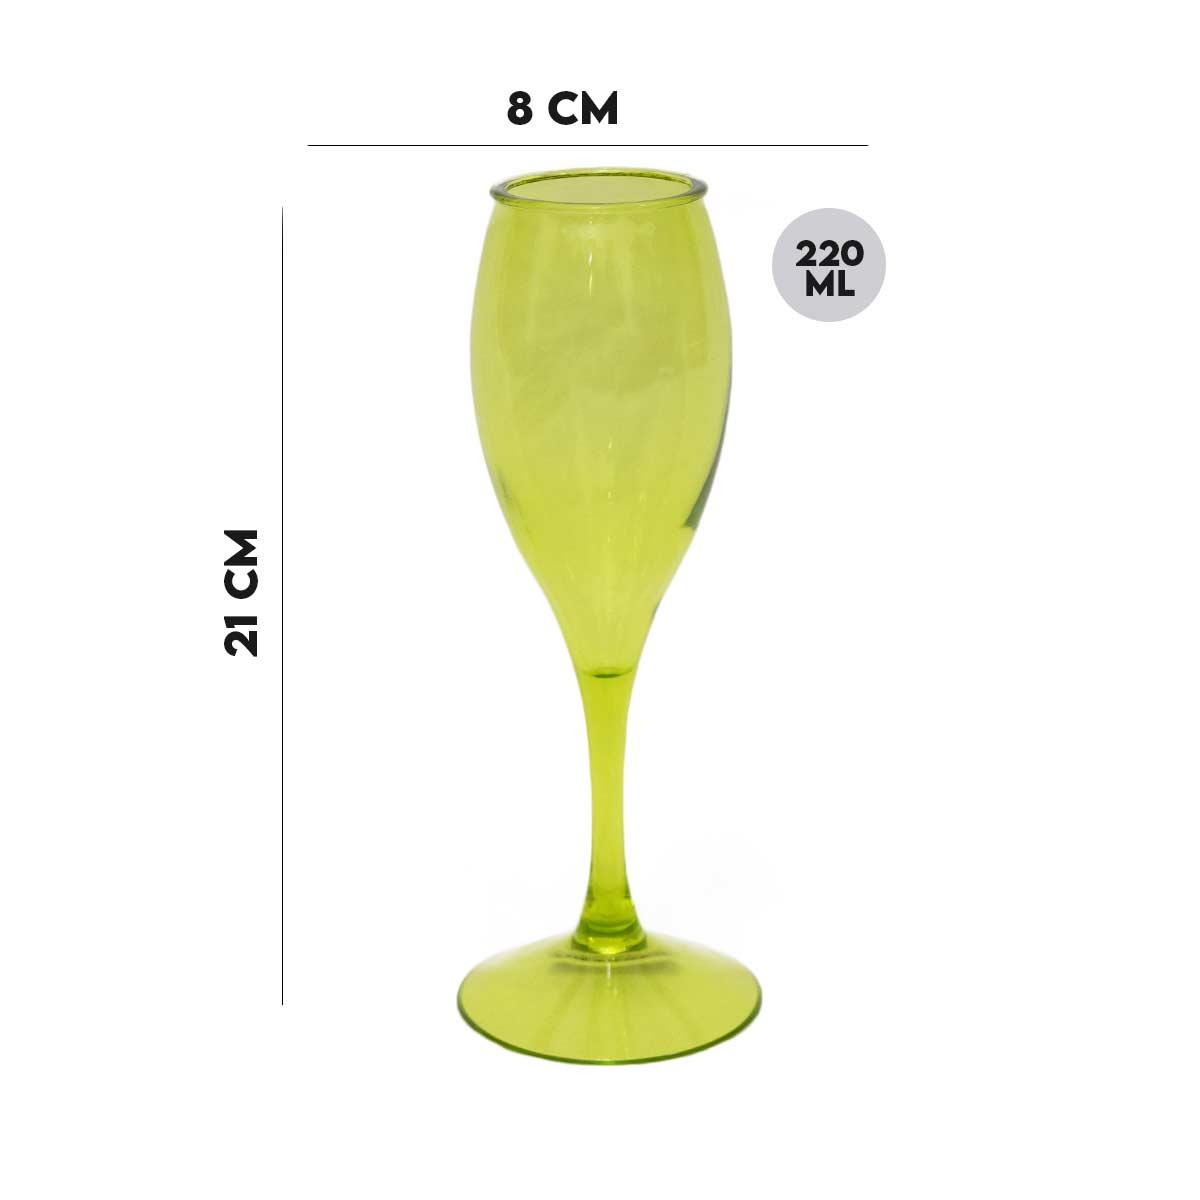 Taça para Champagne Acrílico Verde 220 ml  - Lemis